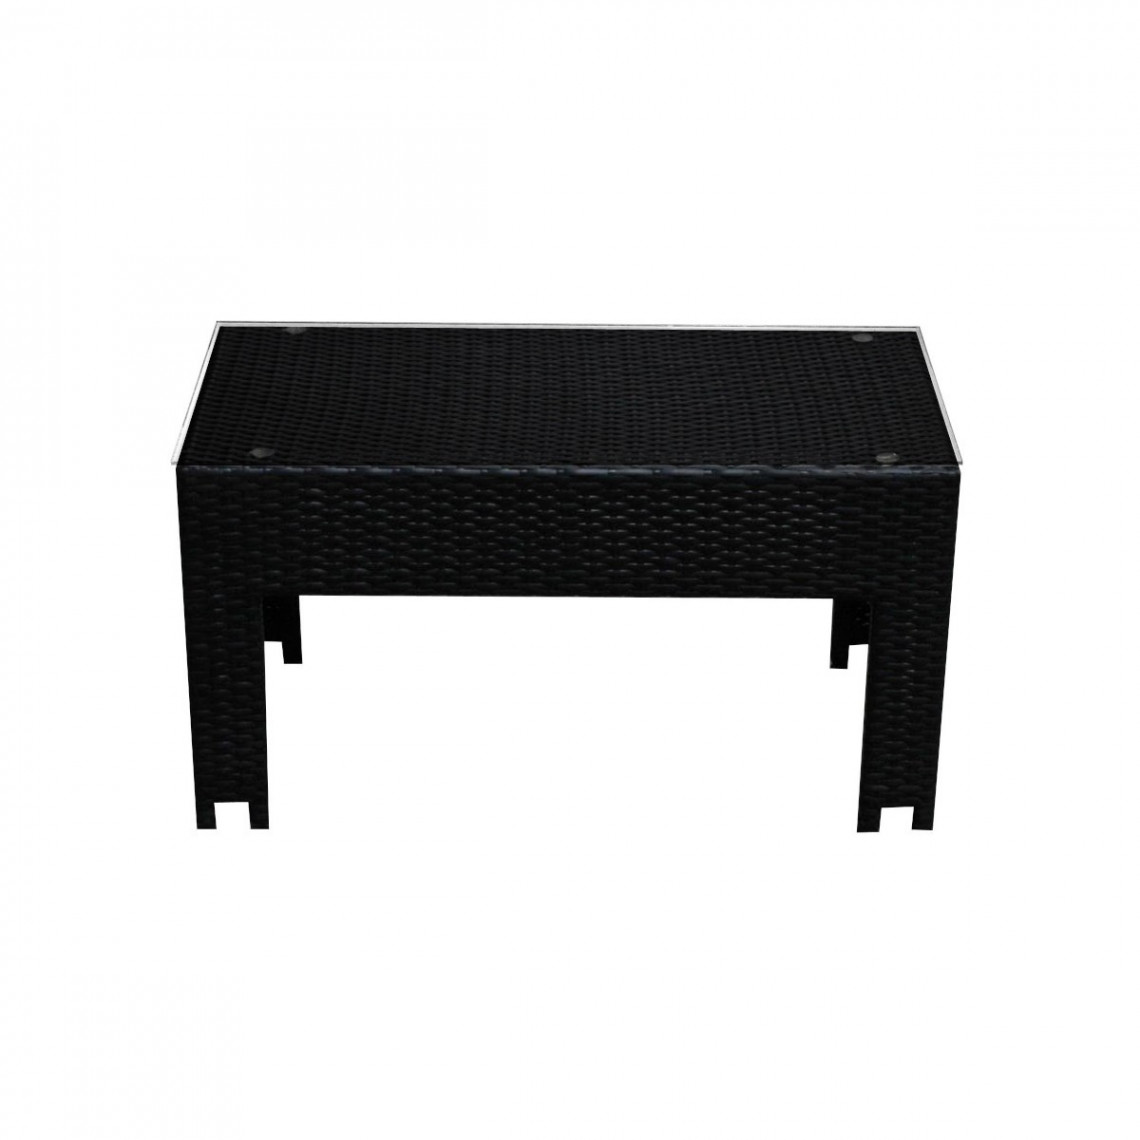 Table basse Cosy tressé noir